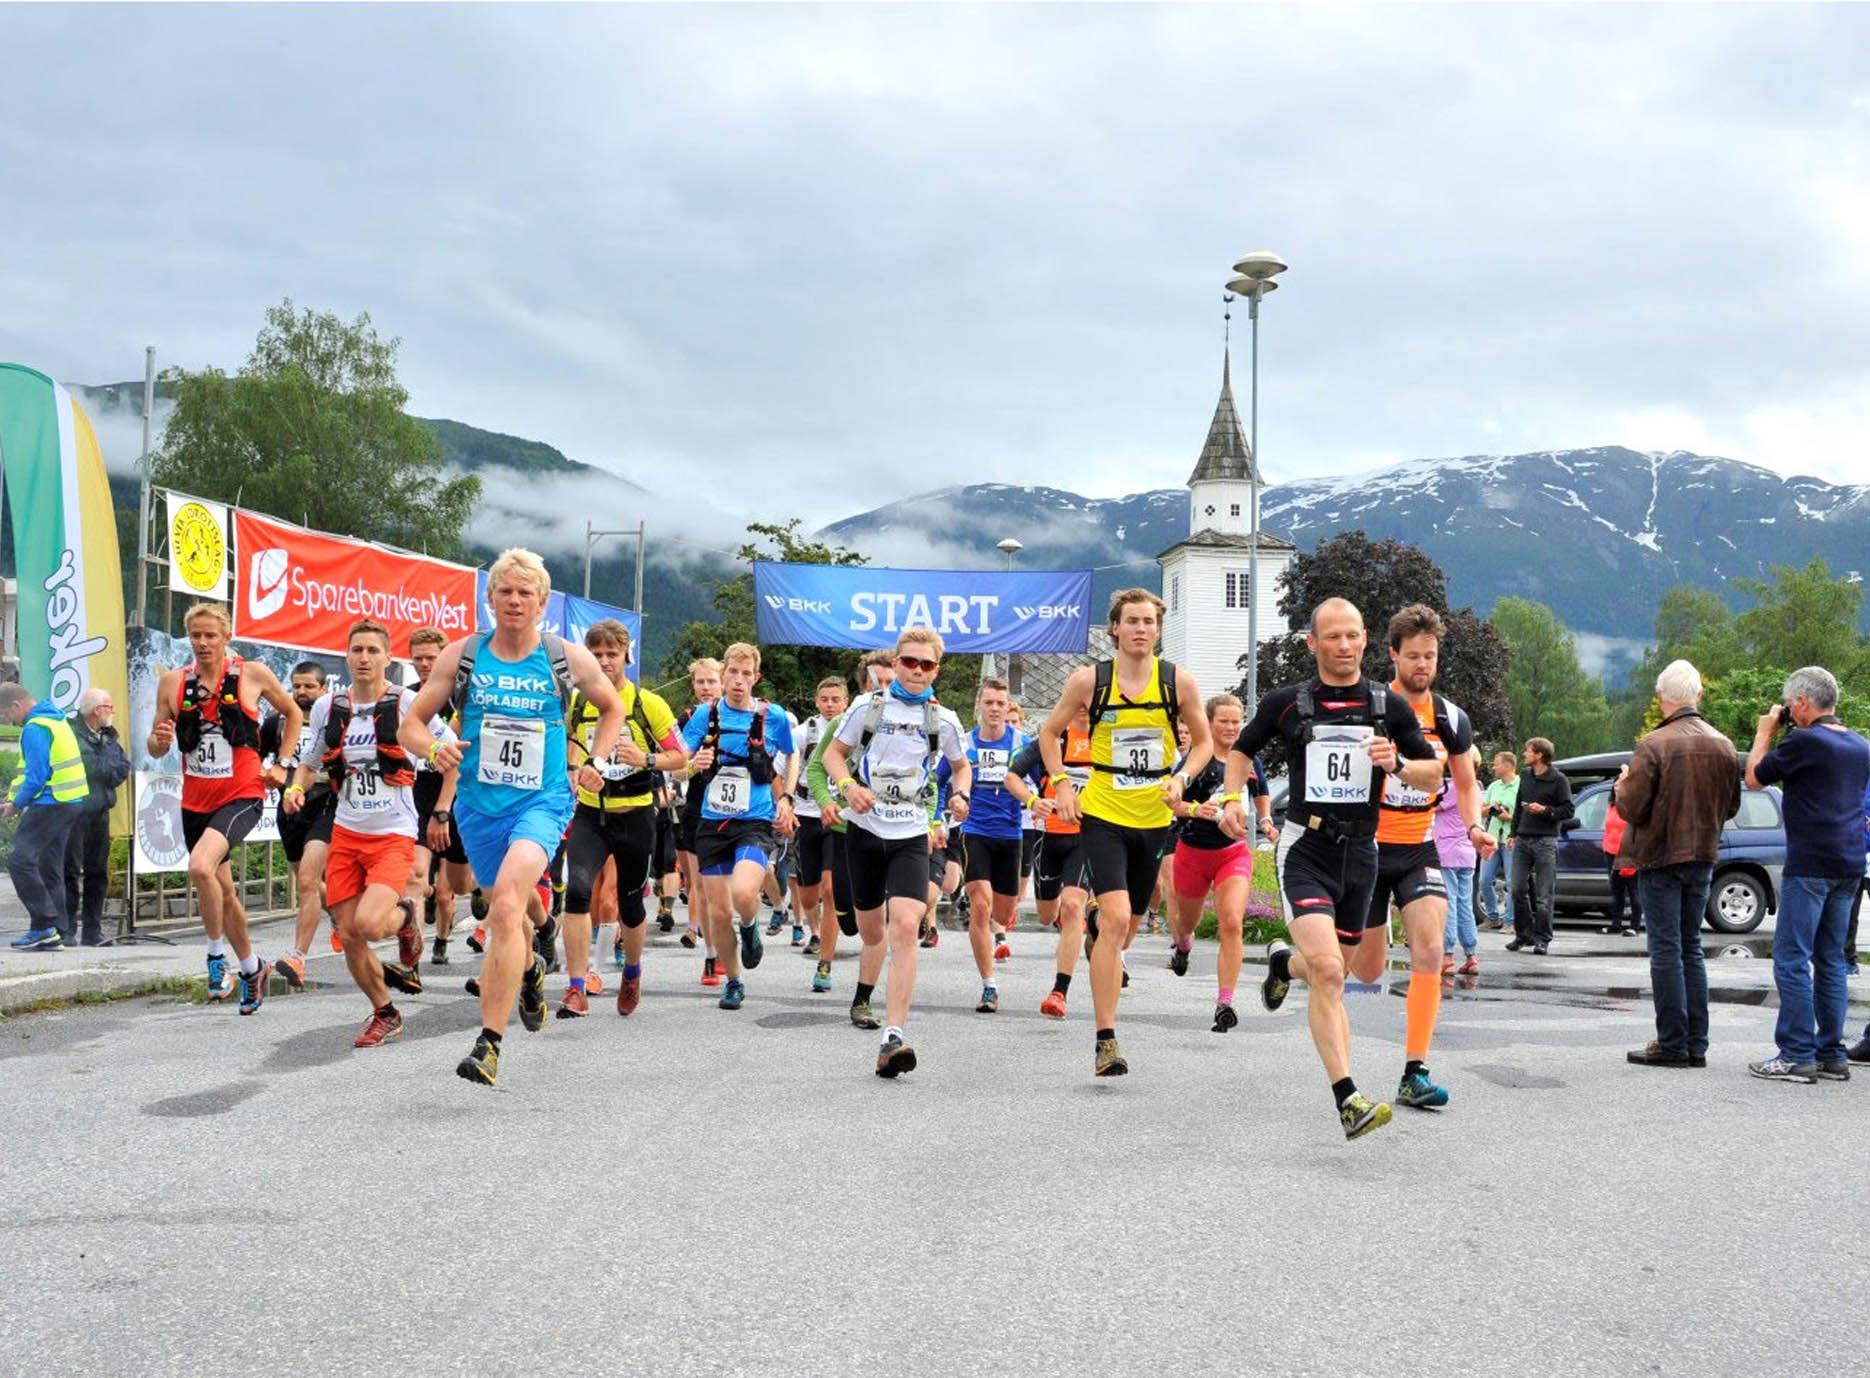 Konkurrer deg sterk i motbakkeløp